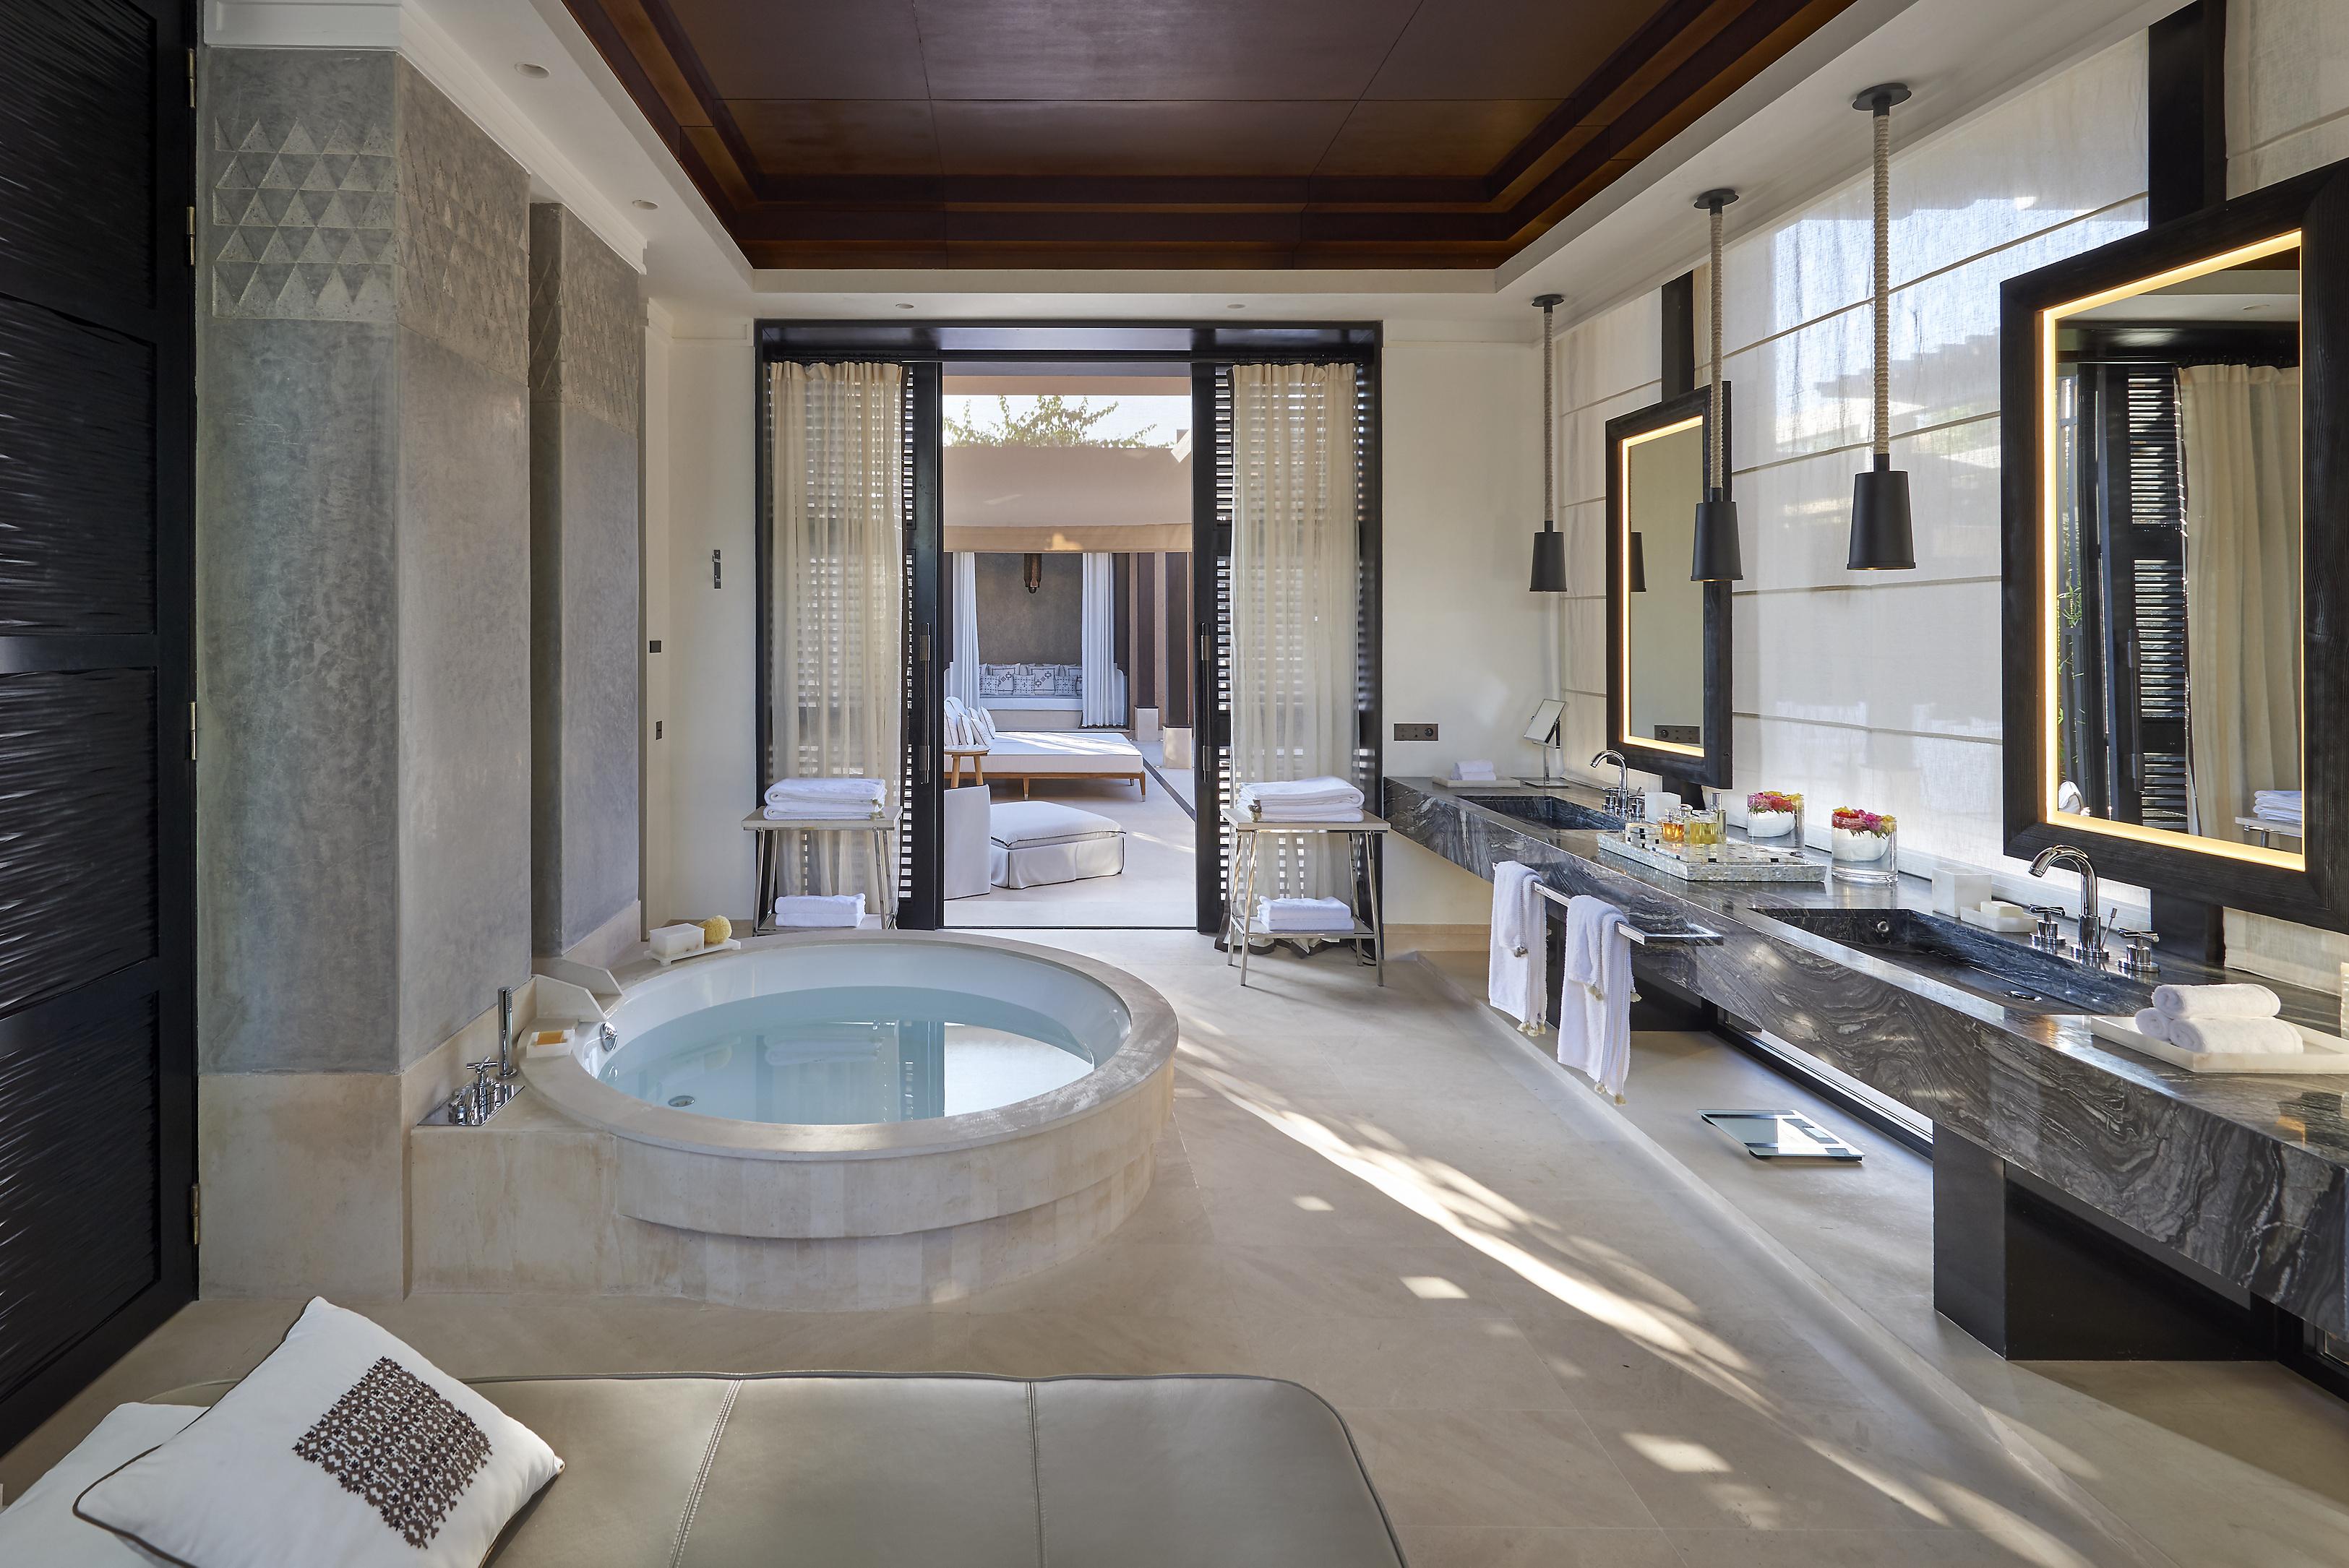 Salle De Bain Style Riad ~ salle de bain orientale salle de bain style oriental une salle de